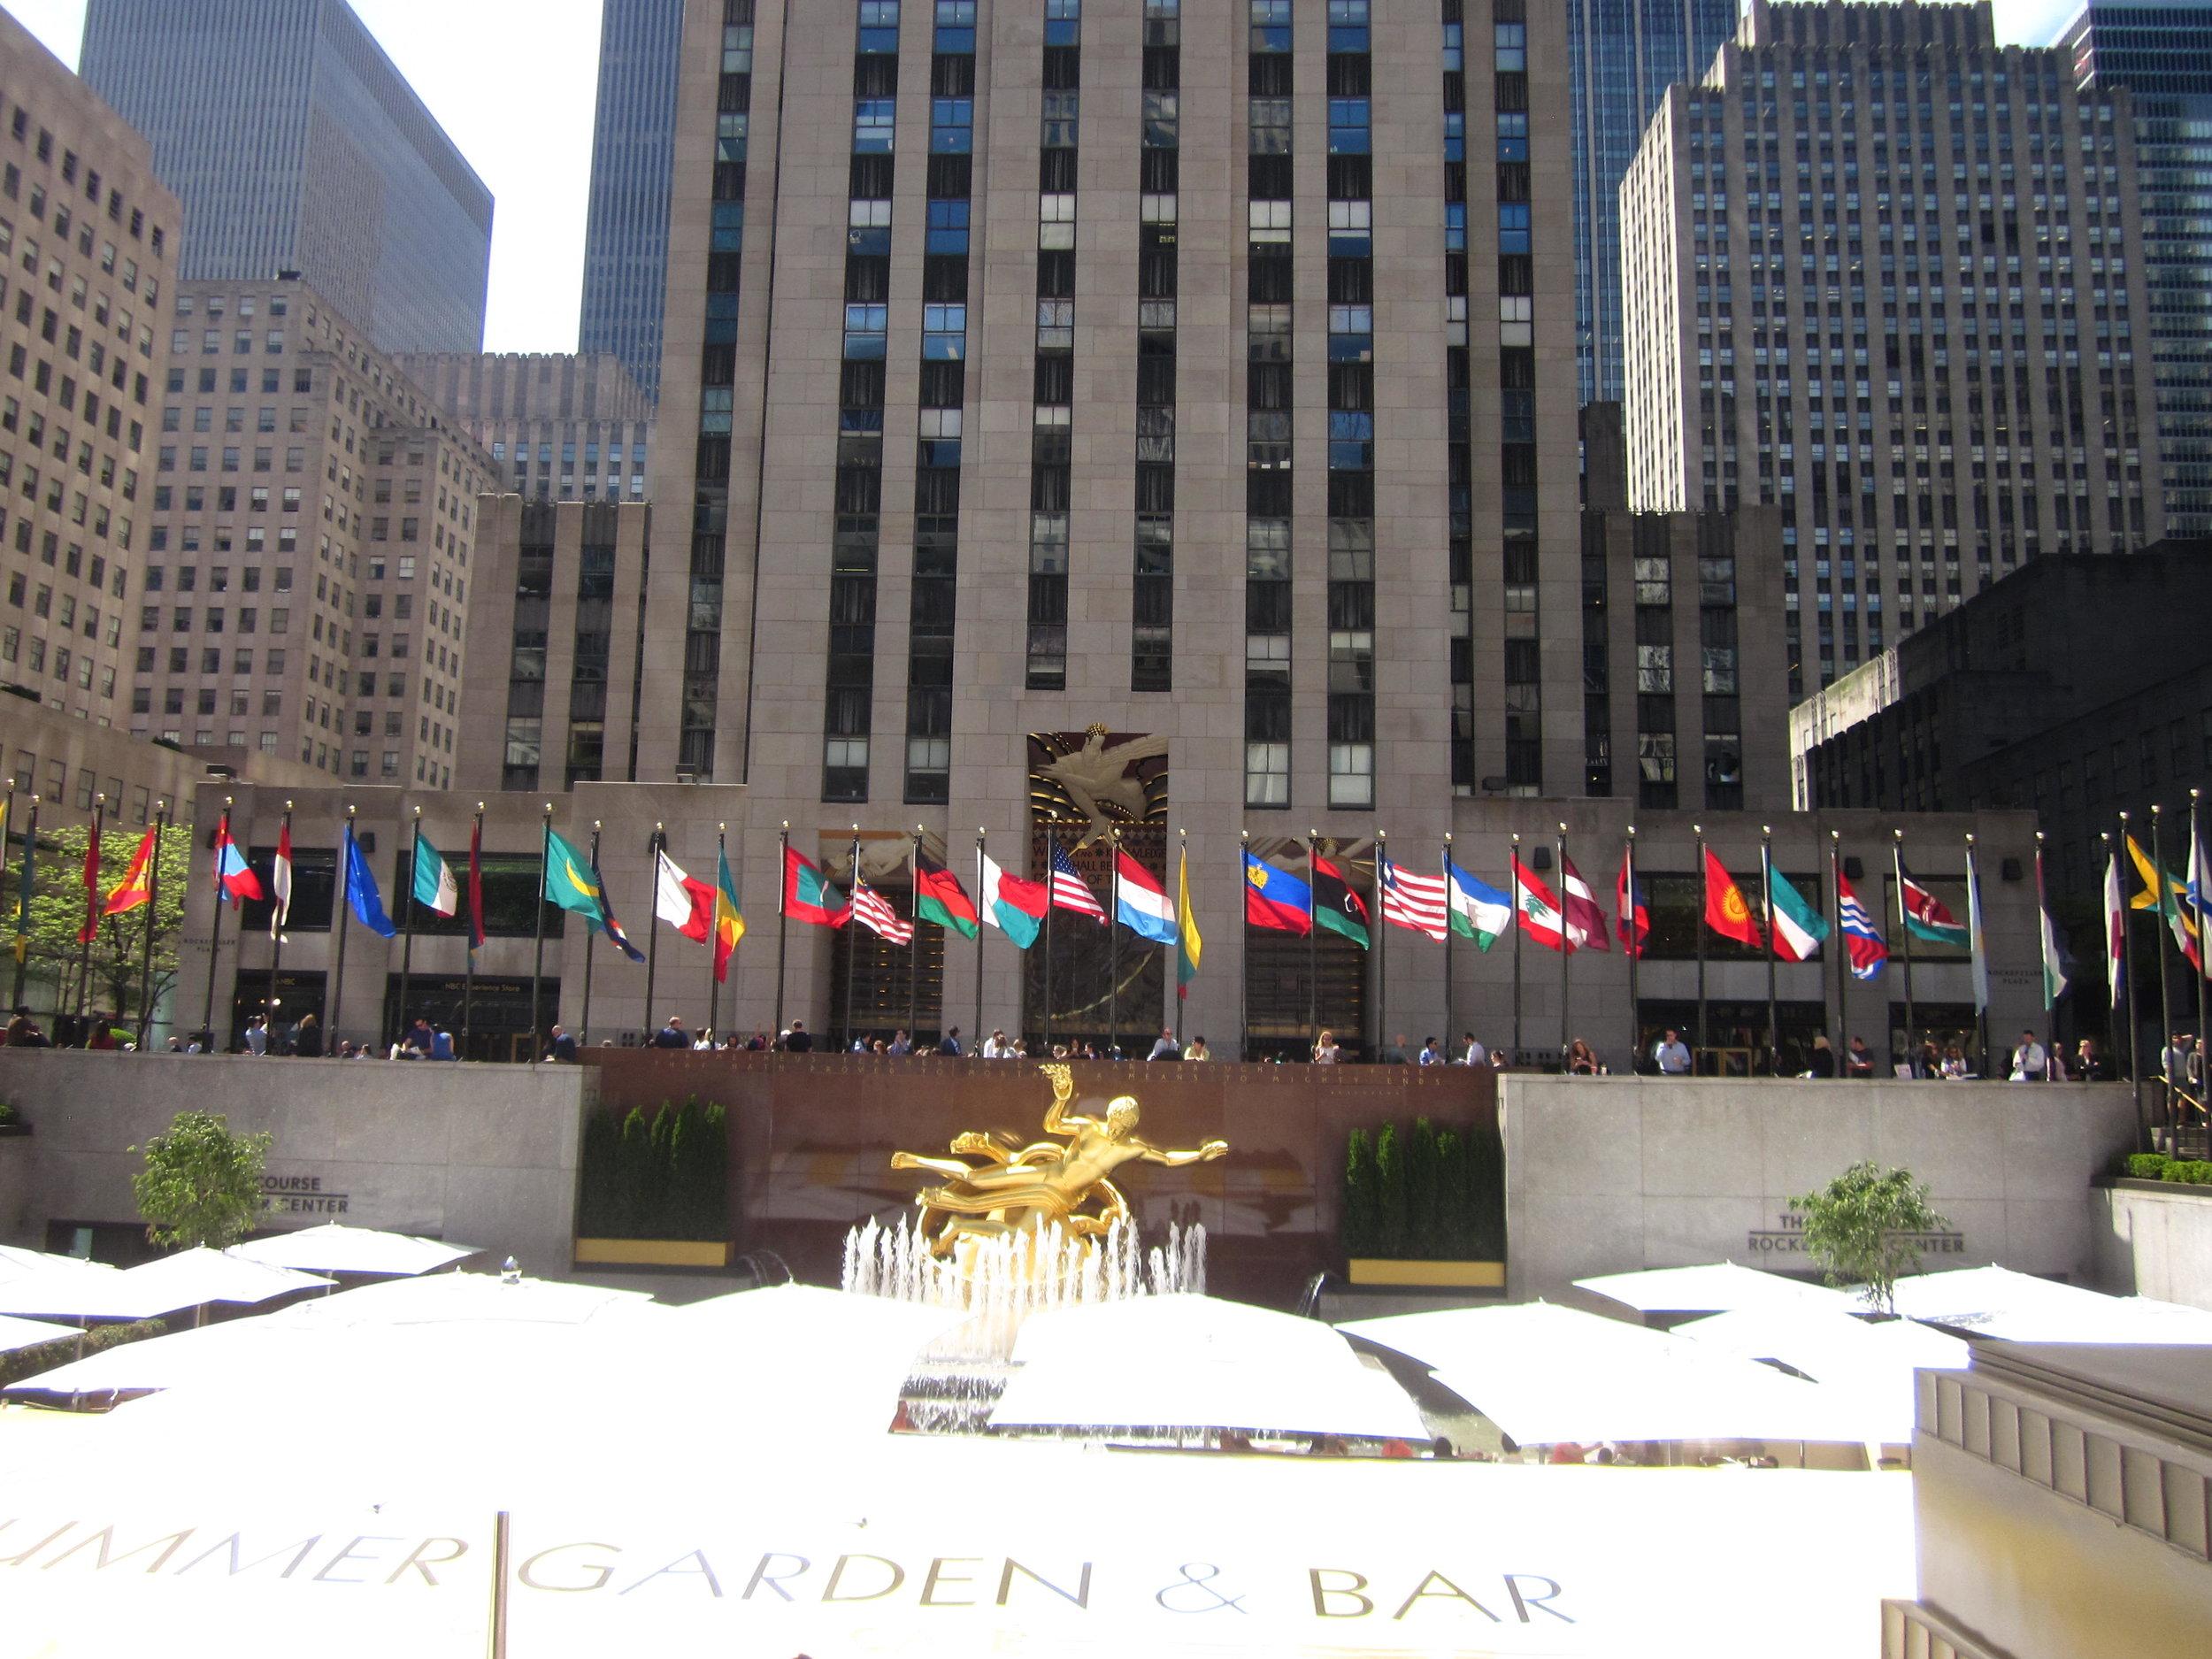 2016_May_NYC_Rockefeller Center.JPG